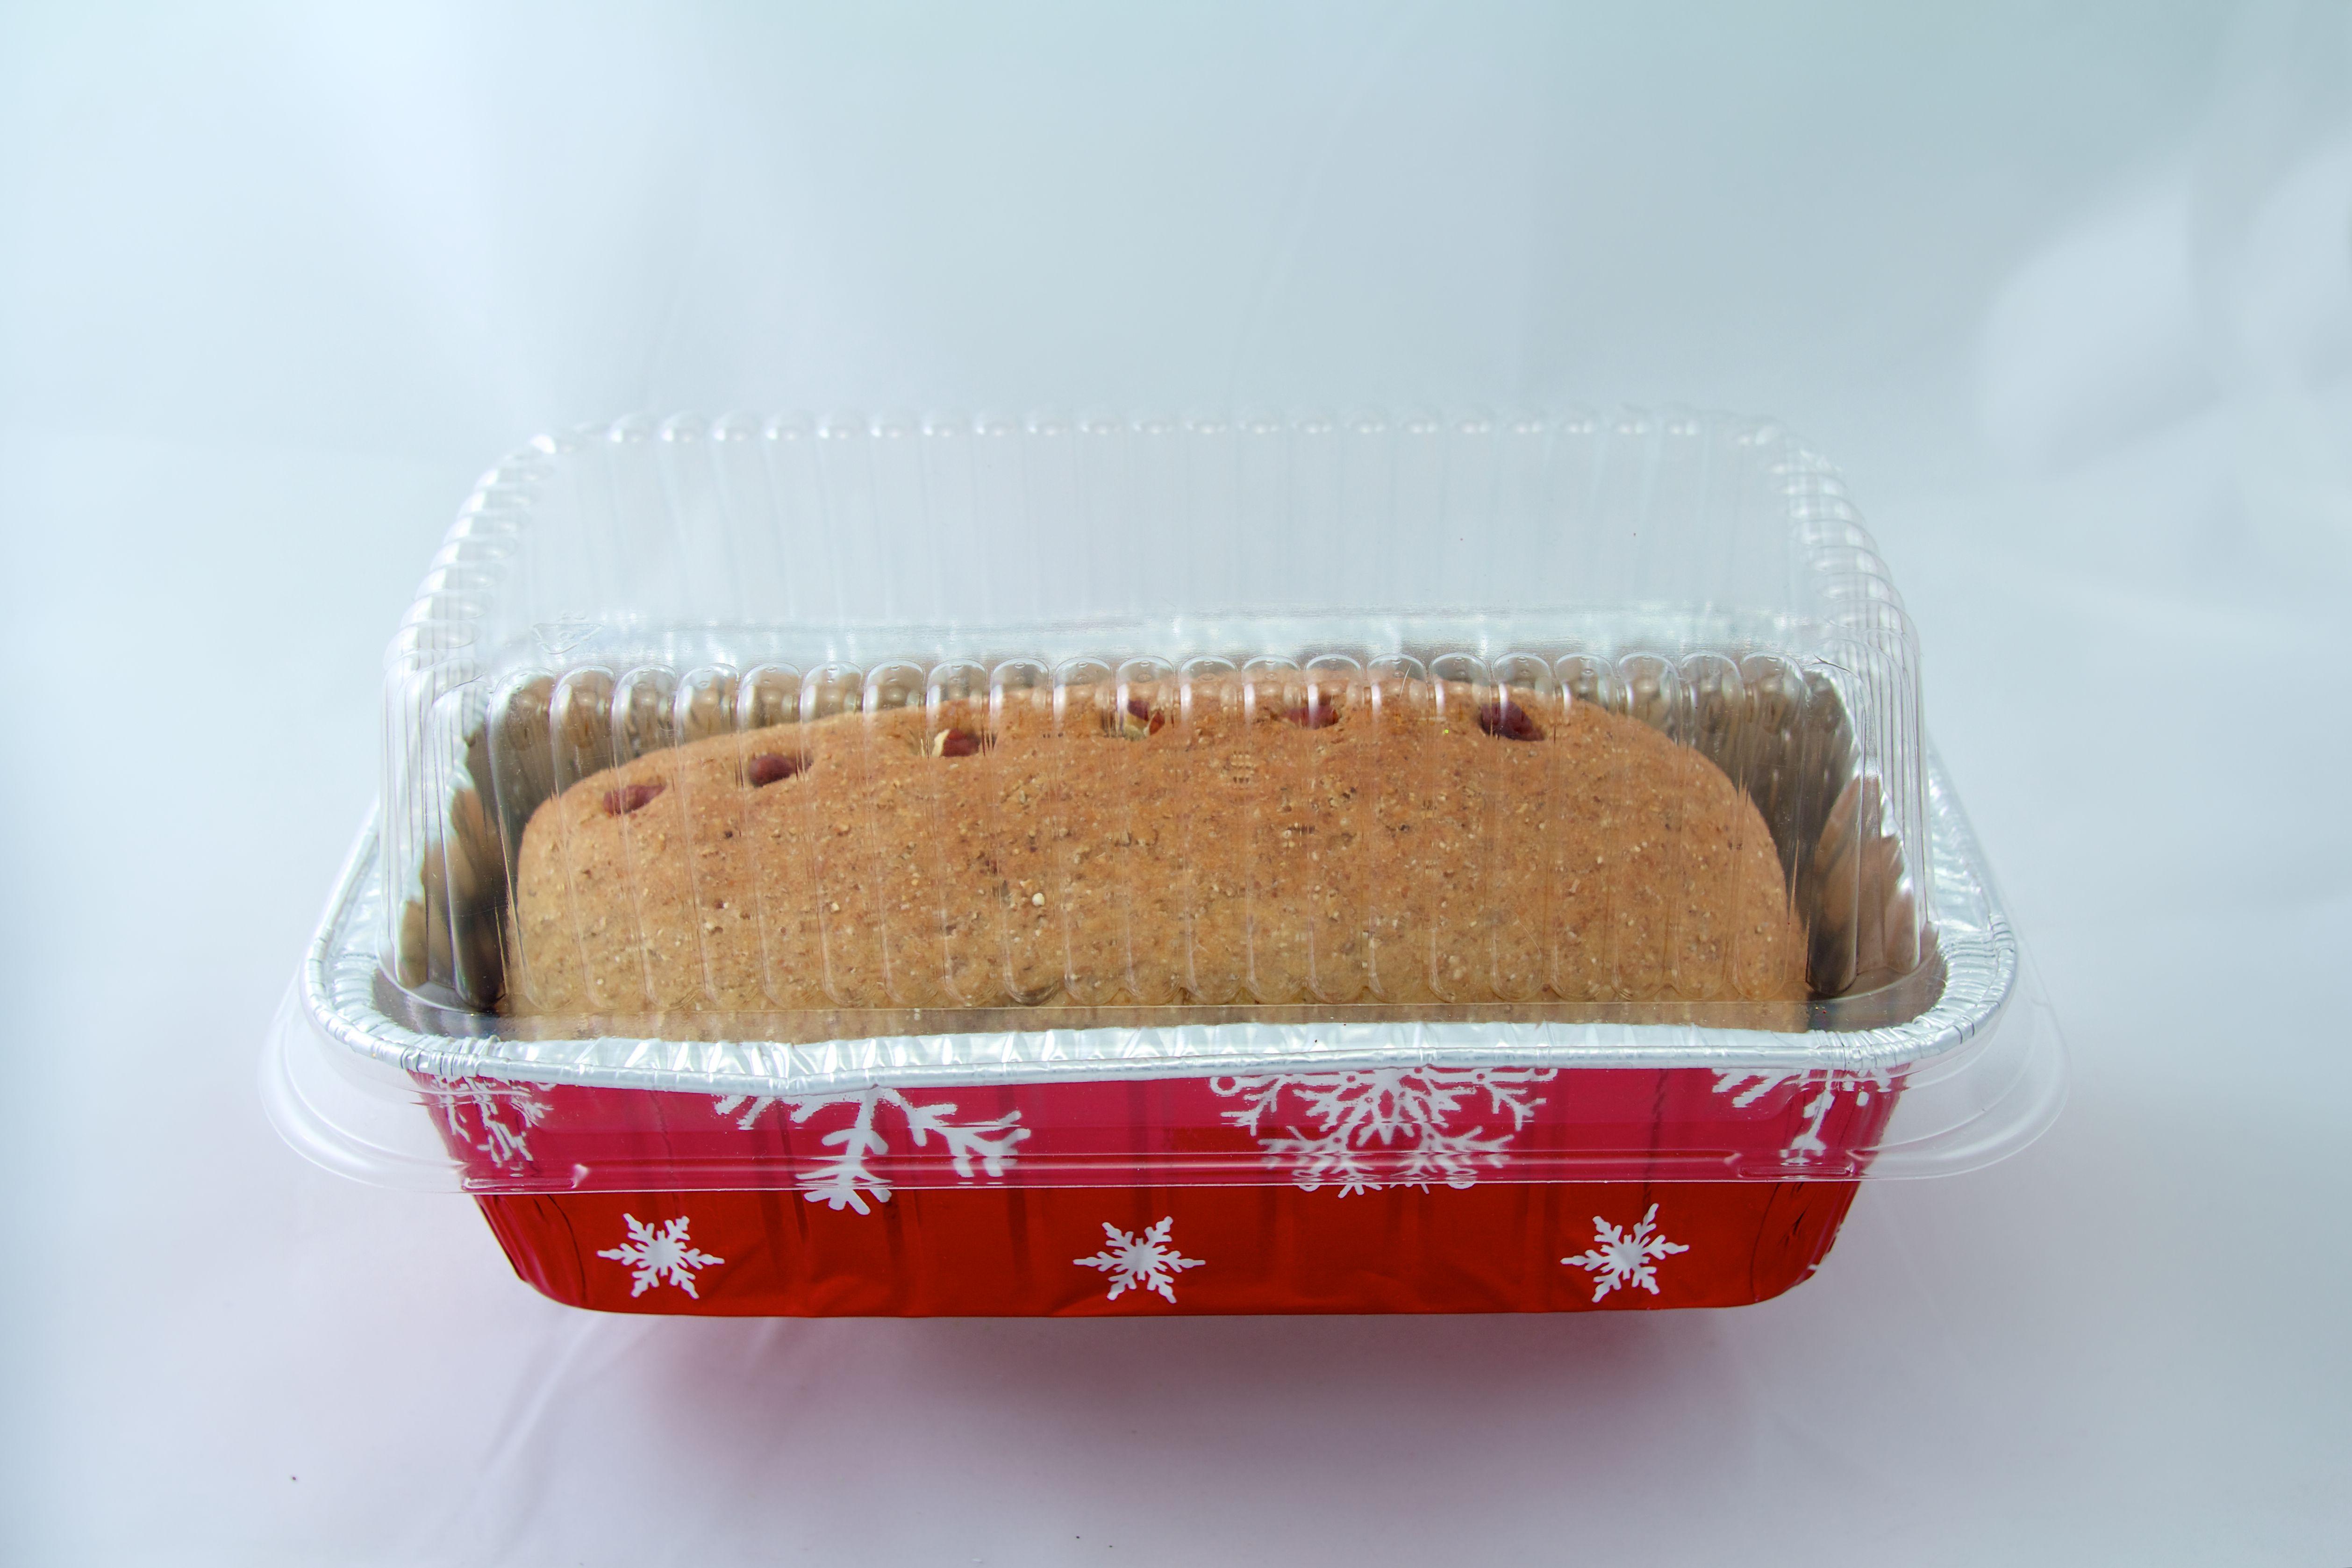 Pan de Centeno para acompañar con una deliciosa mermelada, en Navidad